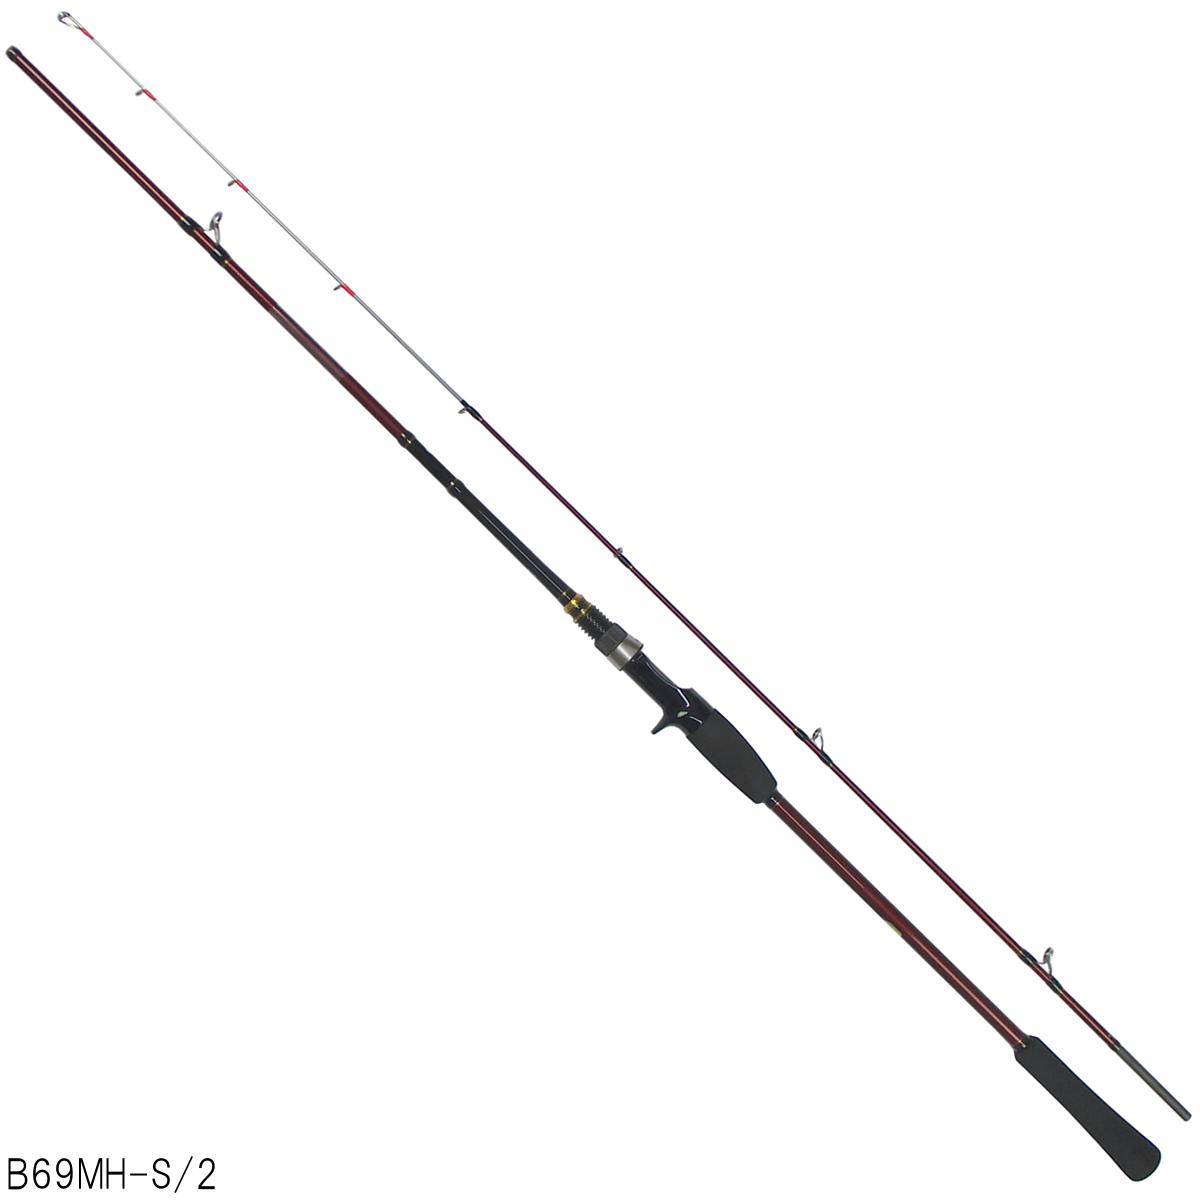 シマノ 炎月 BB B69MH-S/2(東日本店)